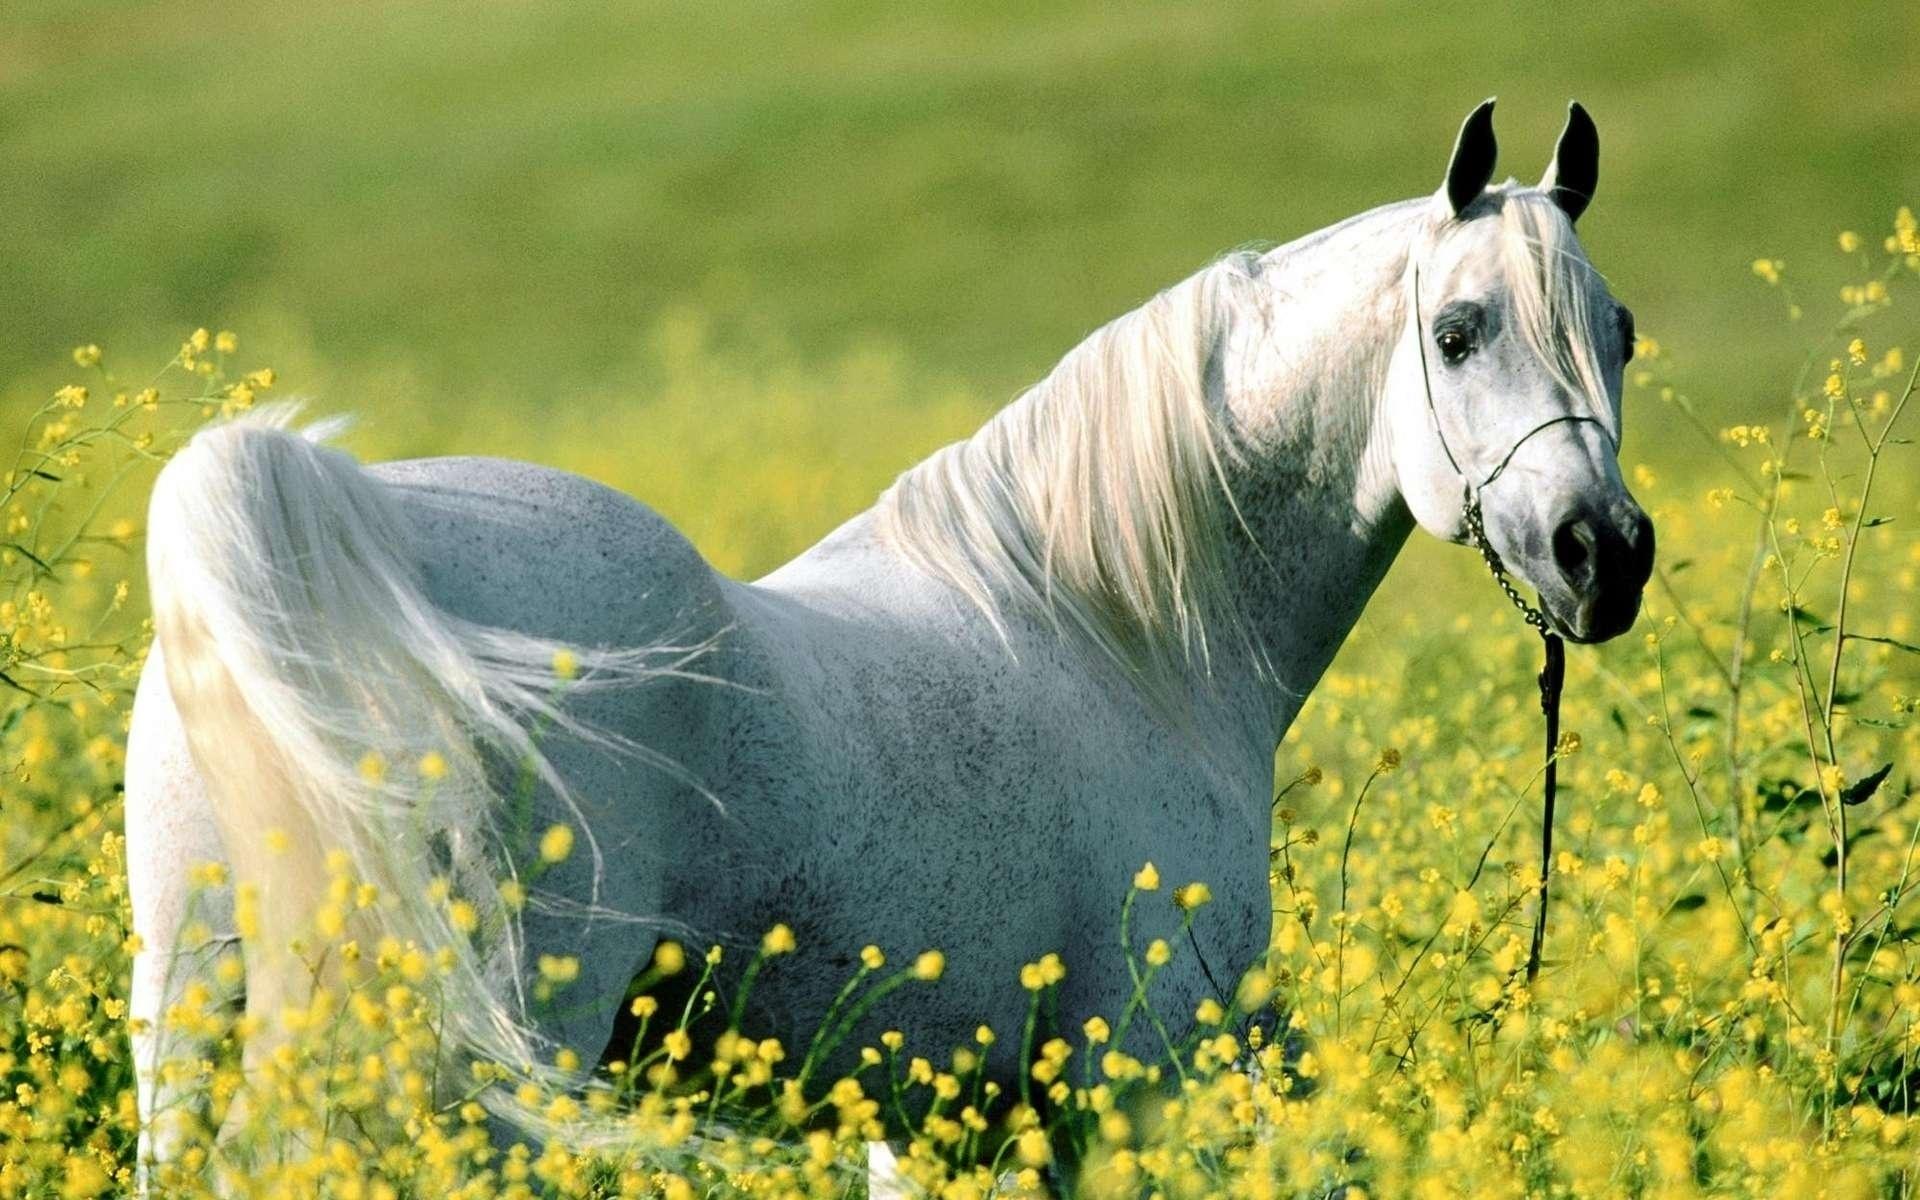 White Horse Widescreen Wallpaper Desktop 3d Of Horse 1893787